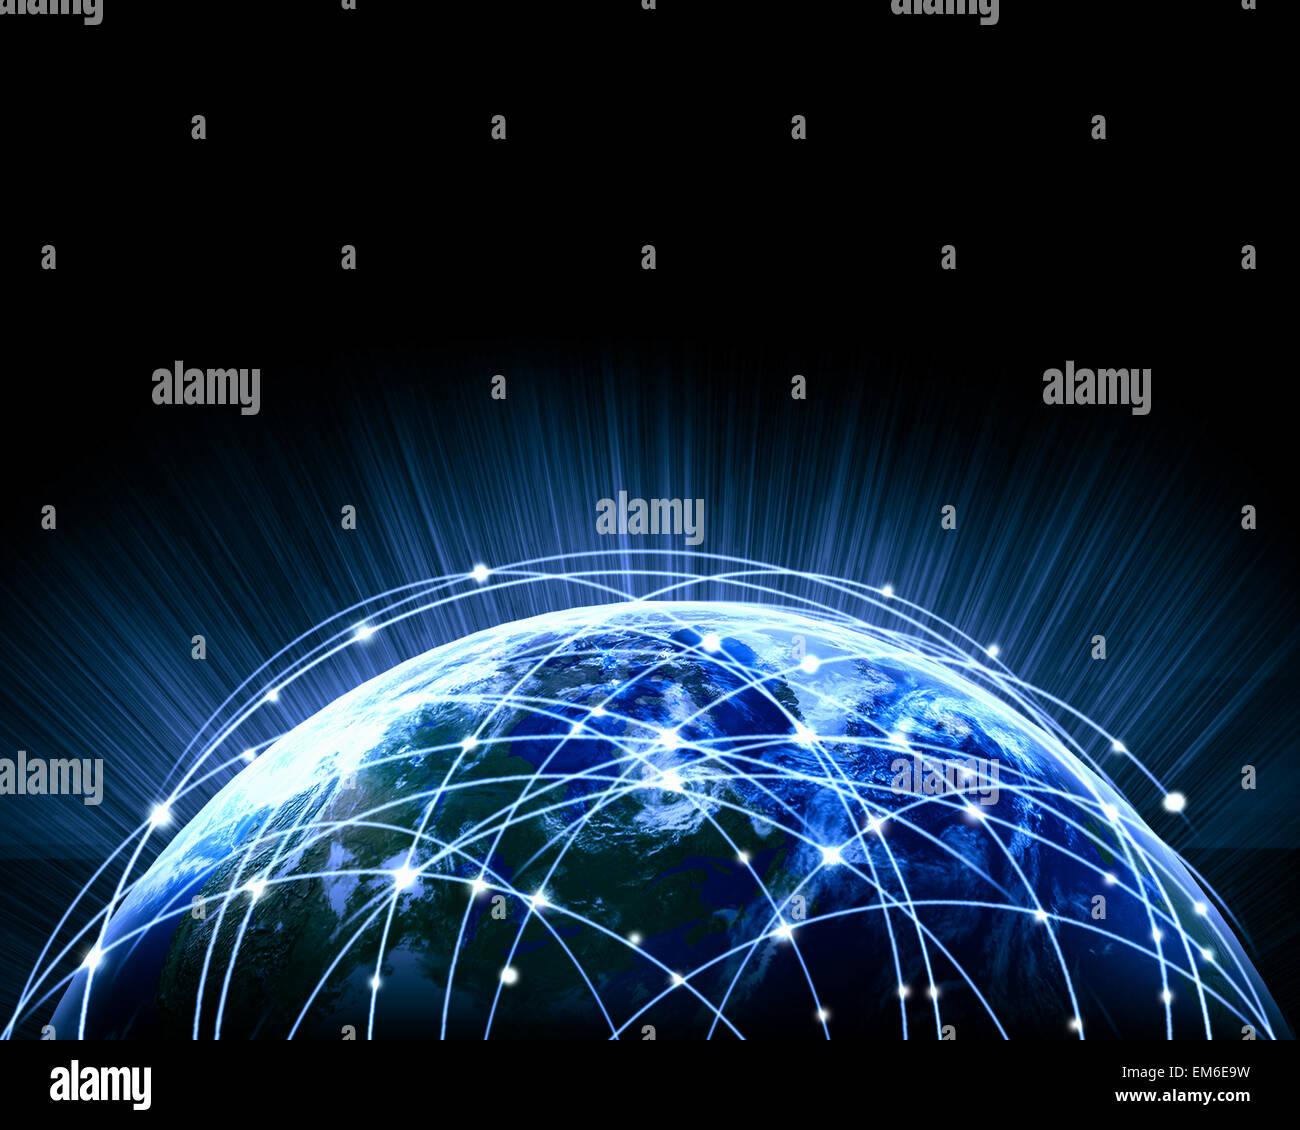 Blue image of globe - Stock Image